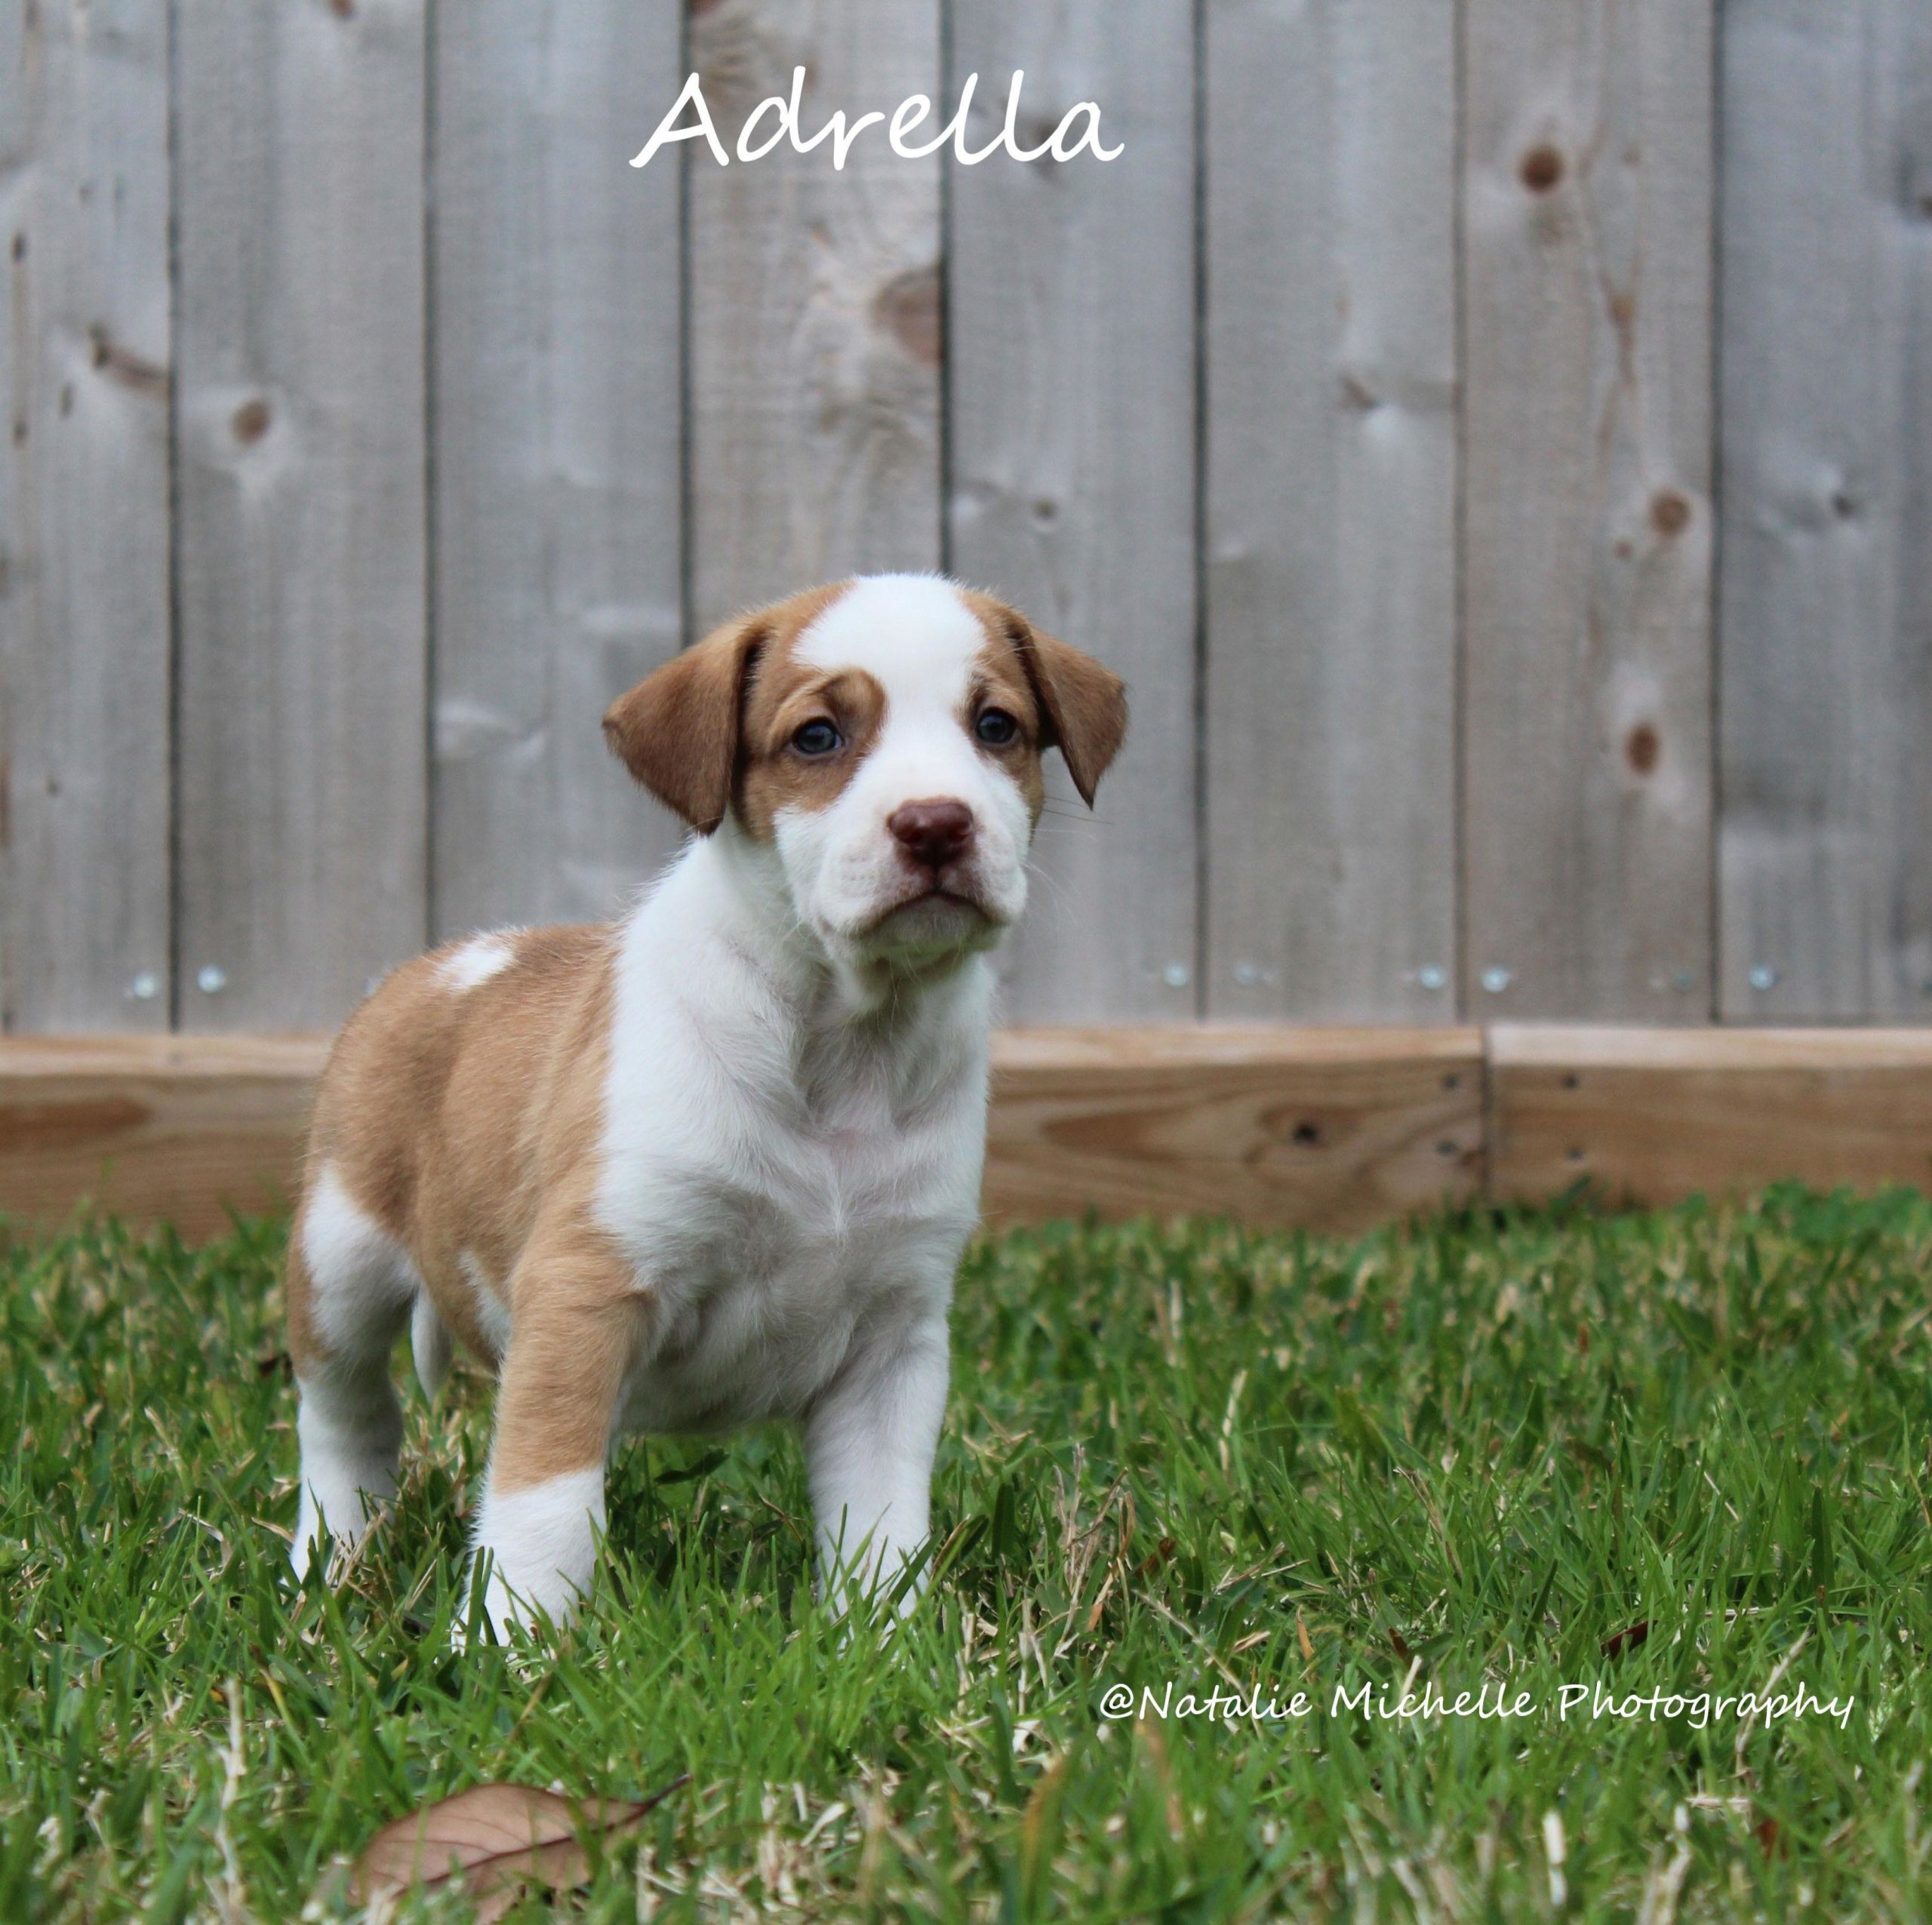 Adrella, STAR # 1532